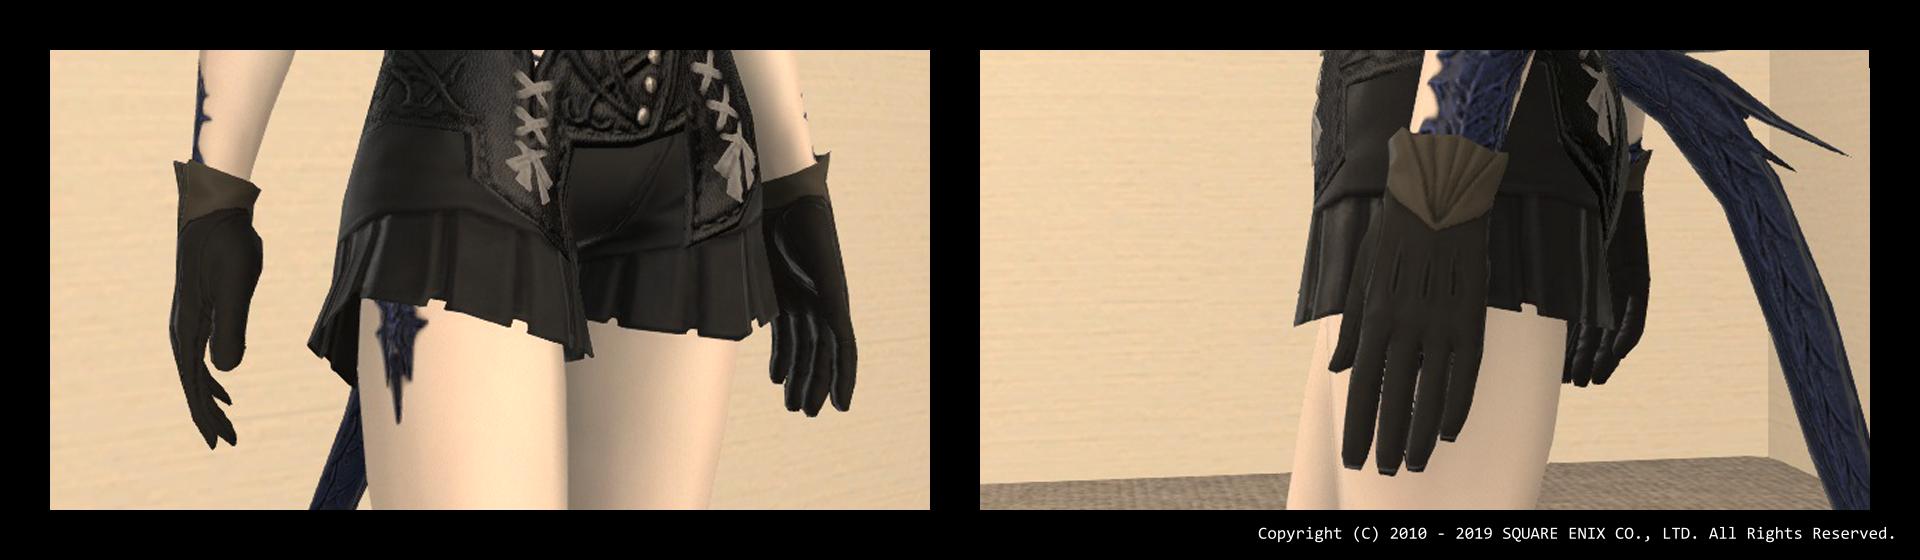 395c-whmschast-hands